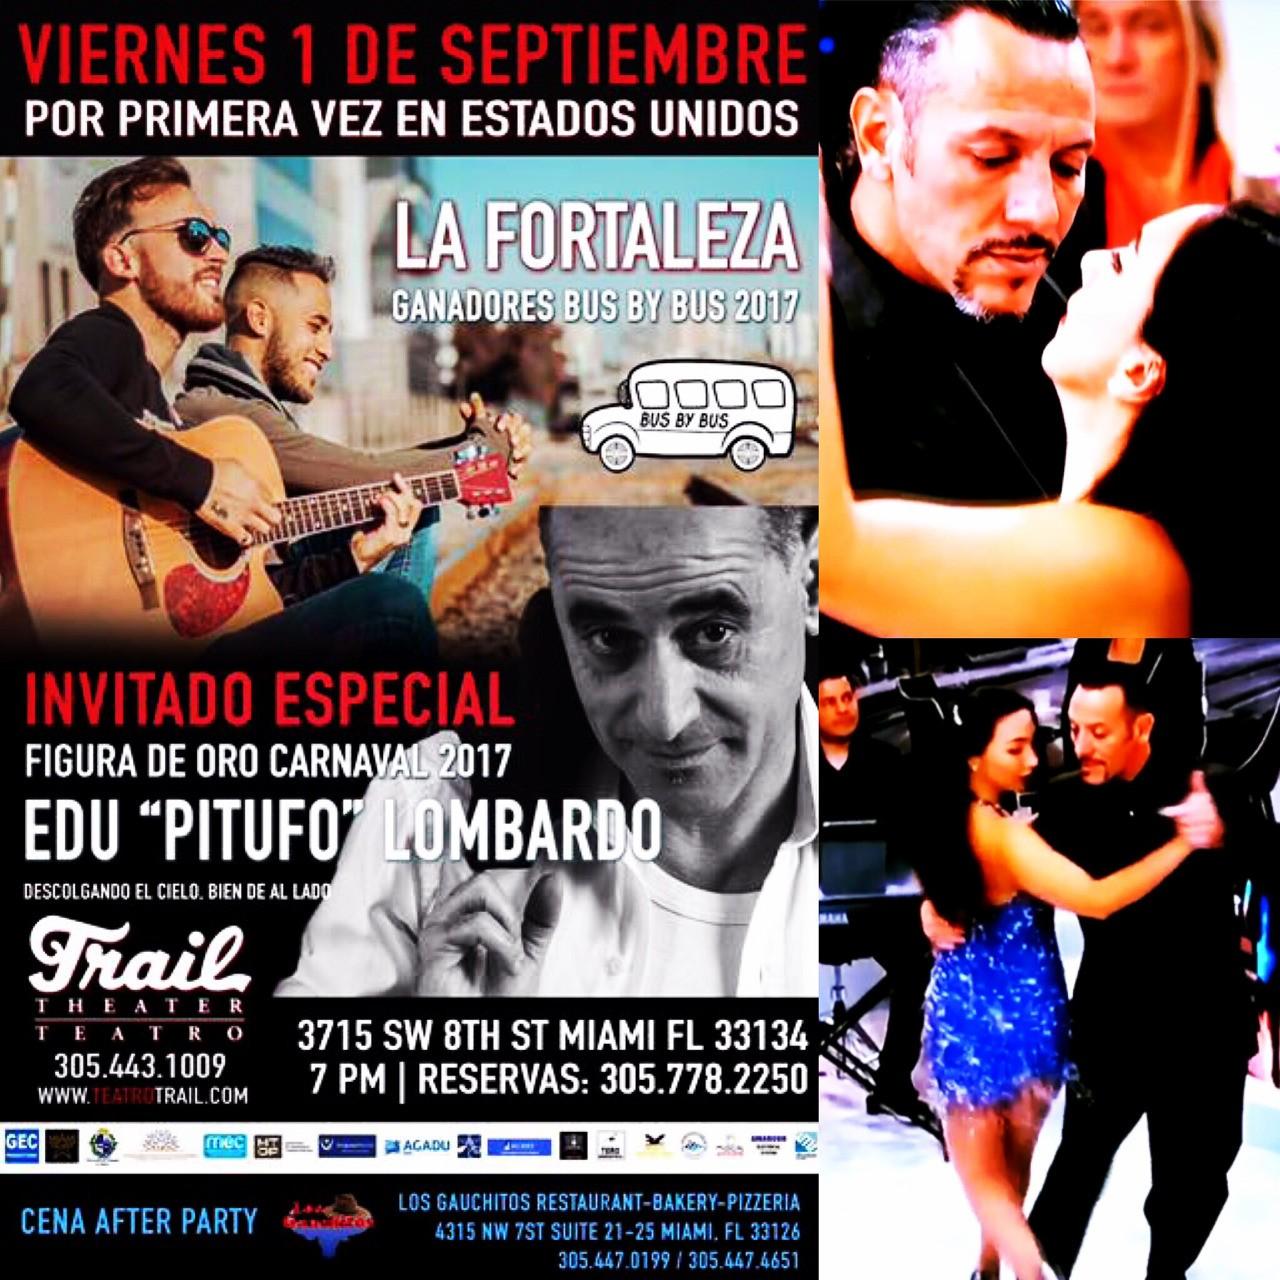 Este primero de Septiembre tendremos el honor de ser artistas invitados por bus by bus (Edu Pitufo Lombardo y La Fortaleza) Los esperamos en el Teatro Trail